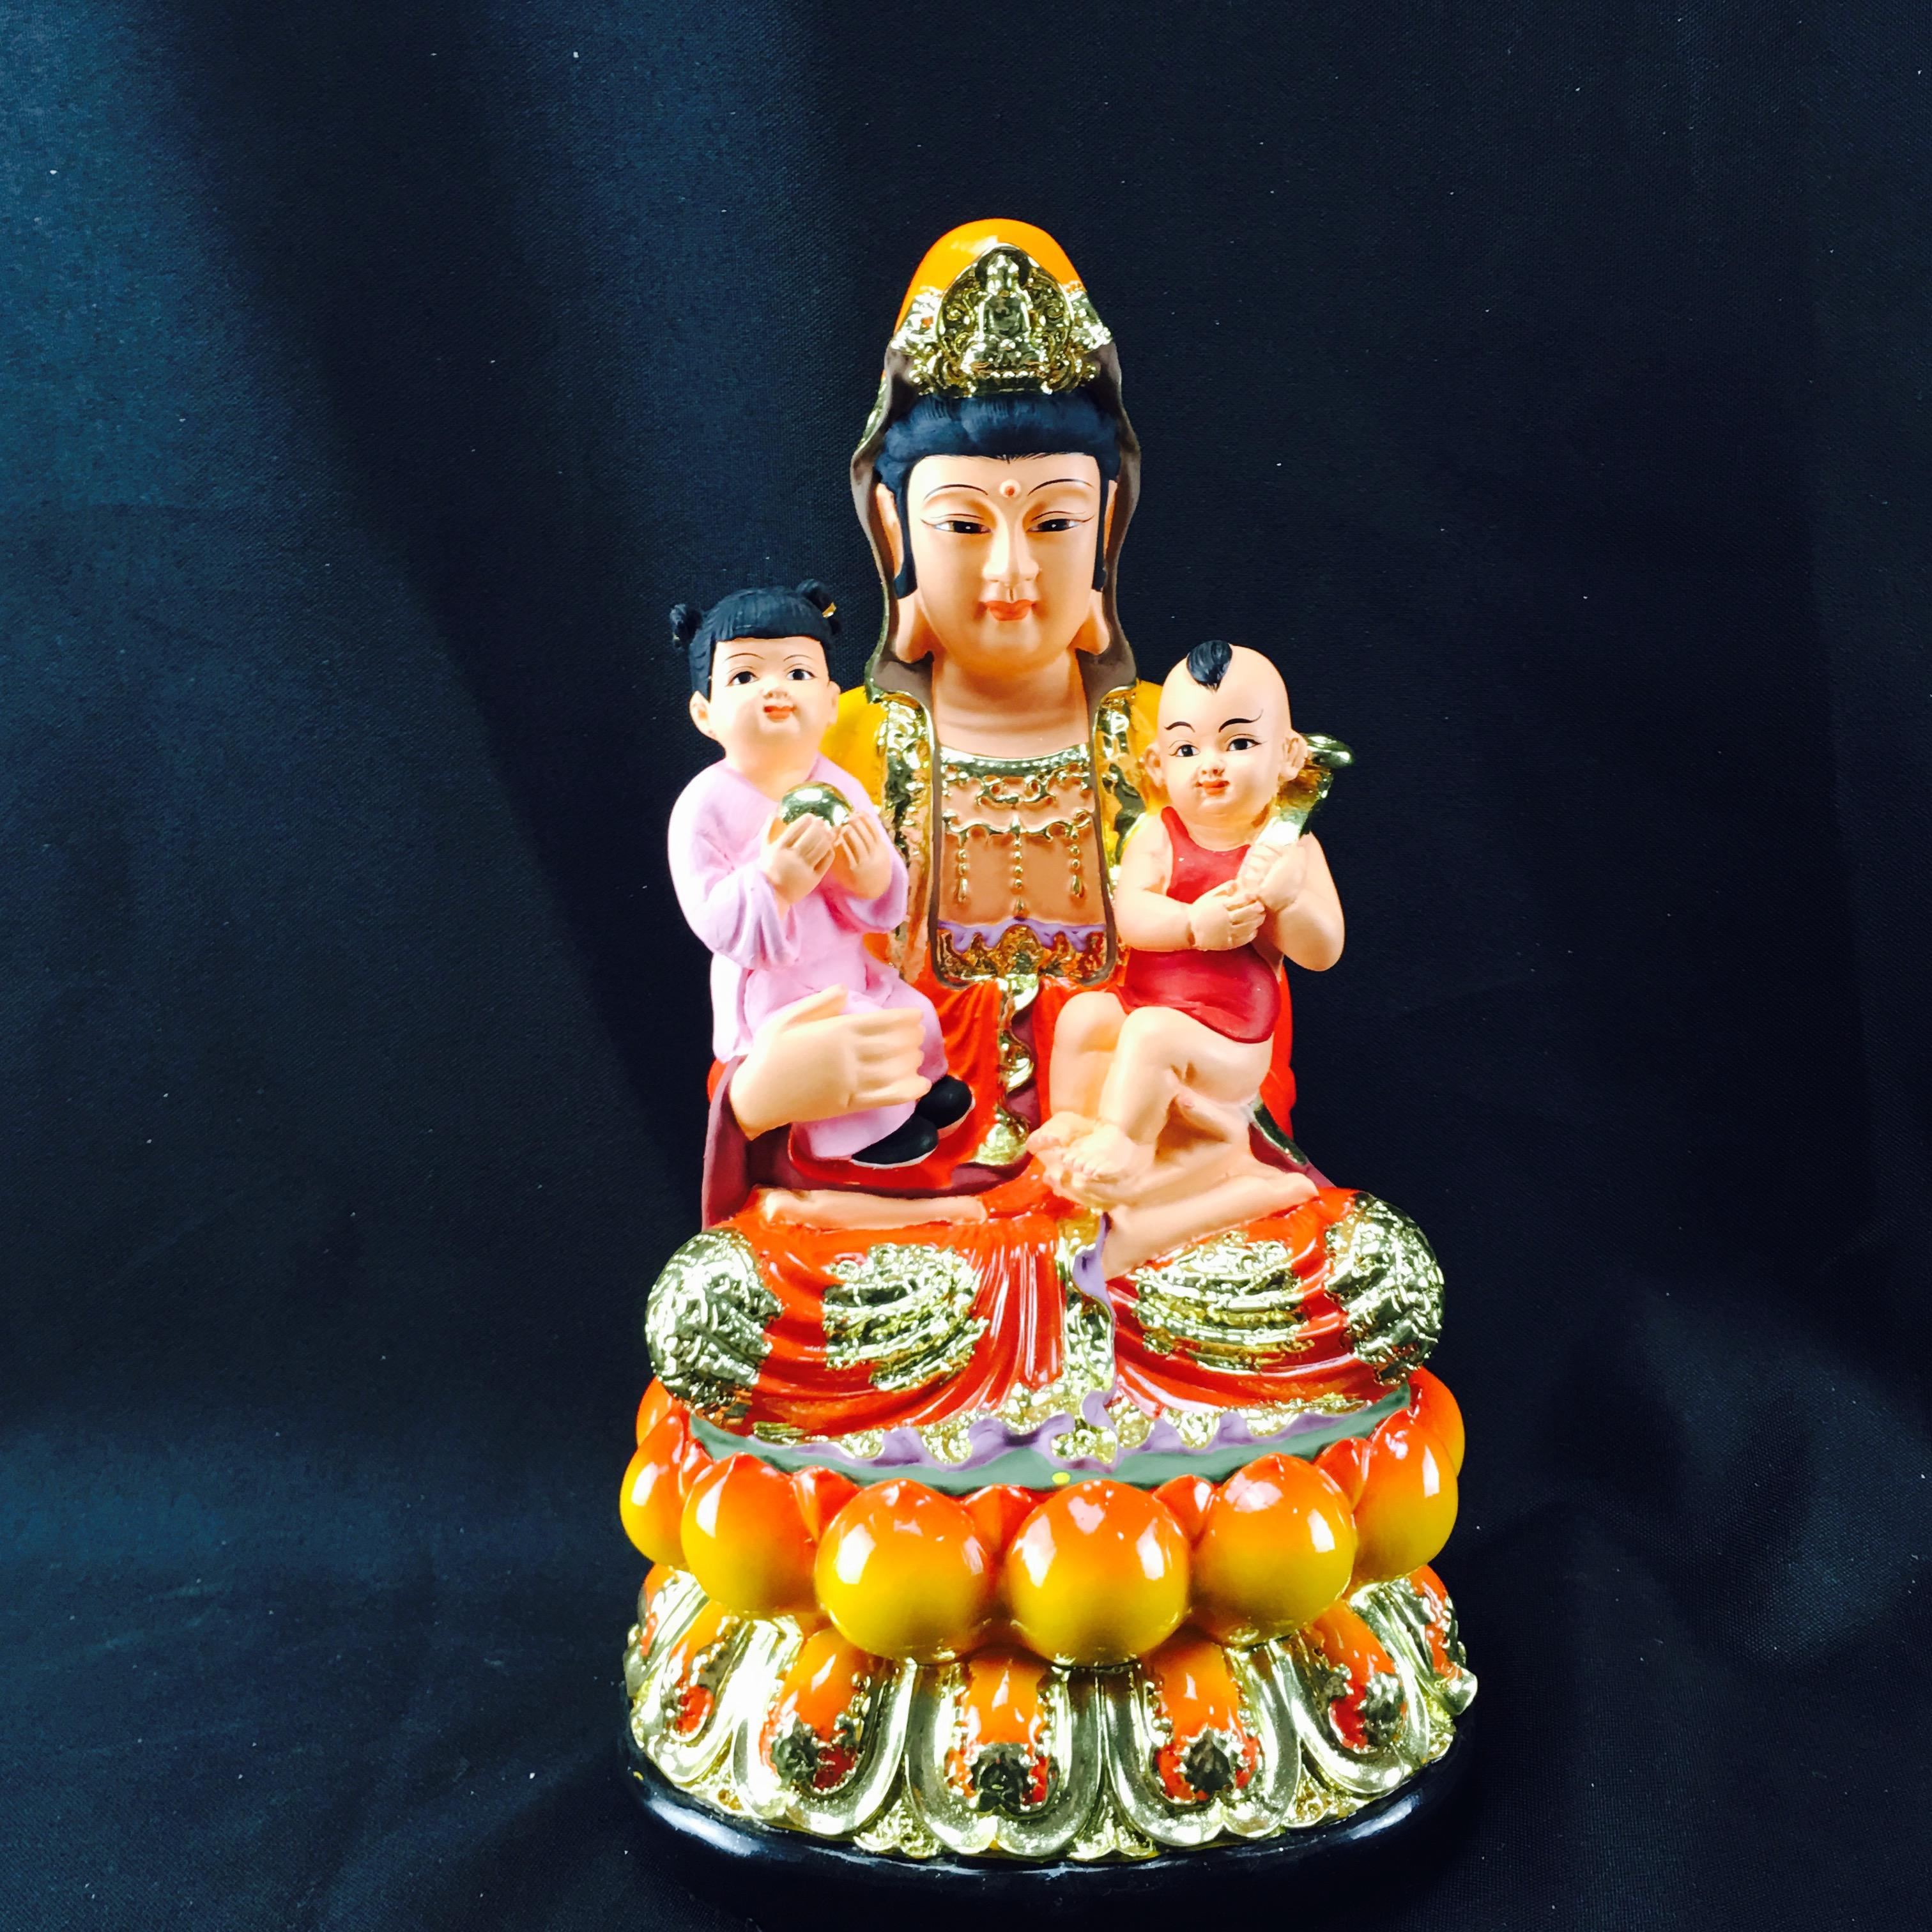 12寸送子觀音送子娘娘佛像工藝品擺件家居佛堂顯靈求子雙胞胎裝飾品